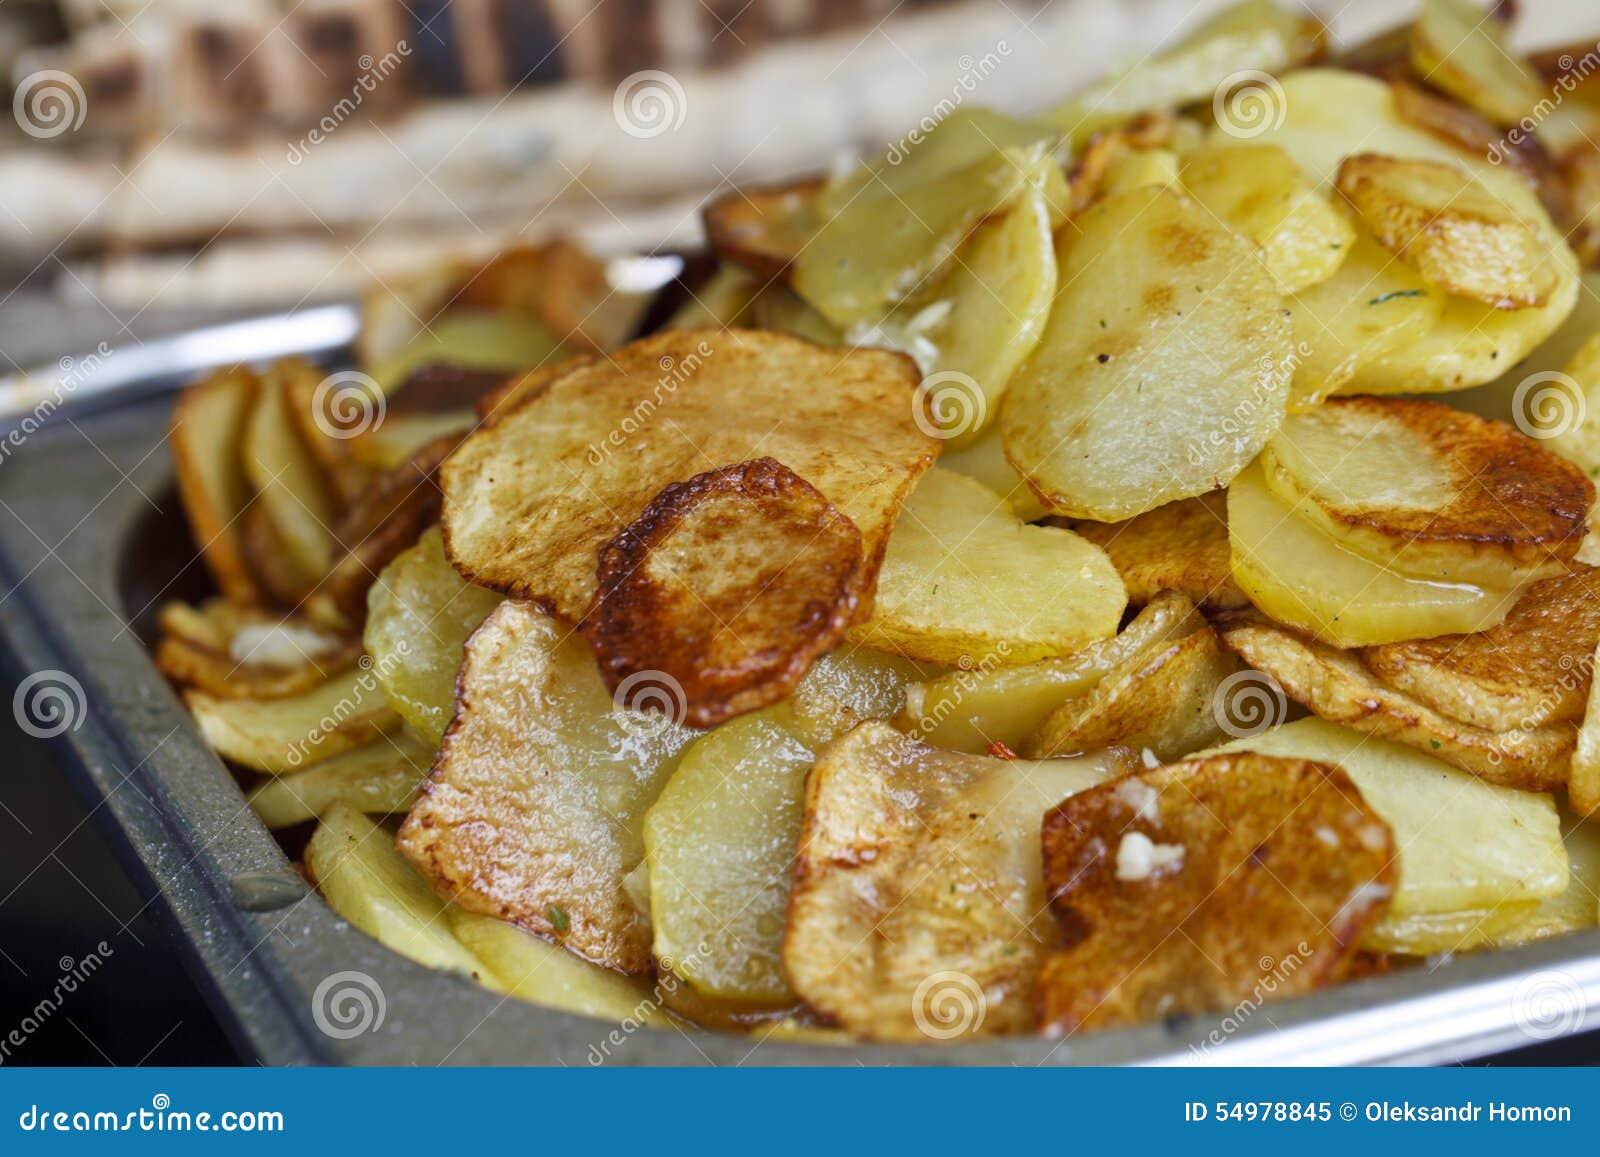 Patatas fritas jugosas